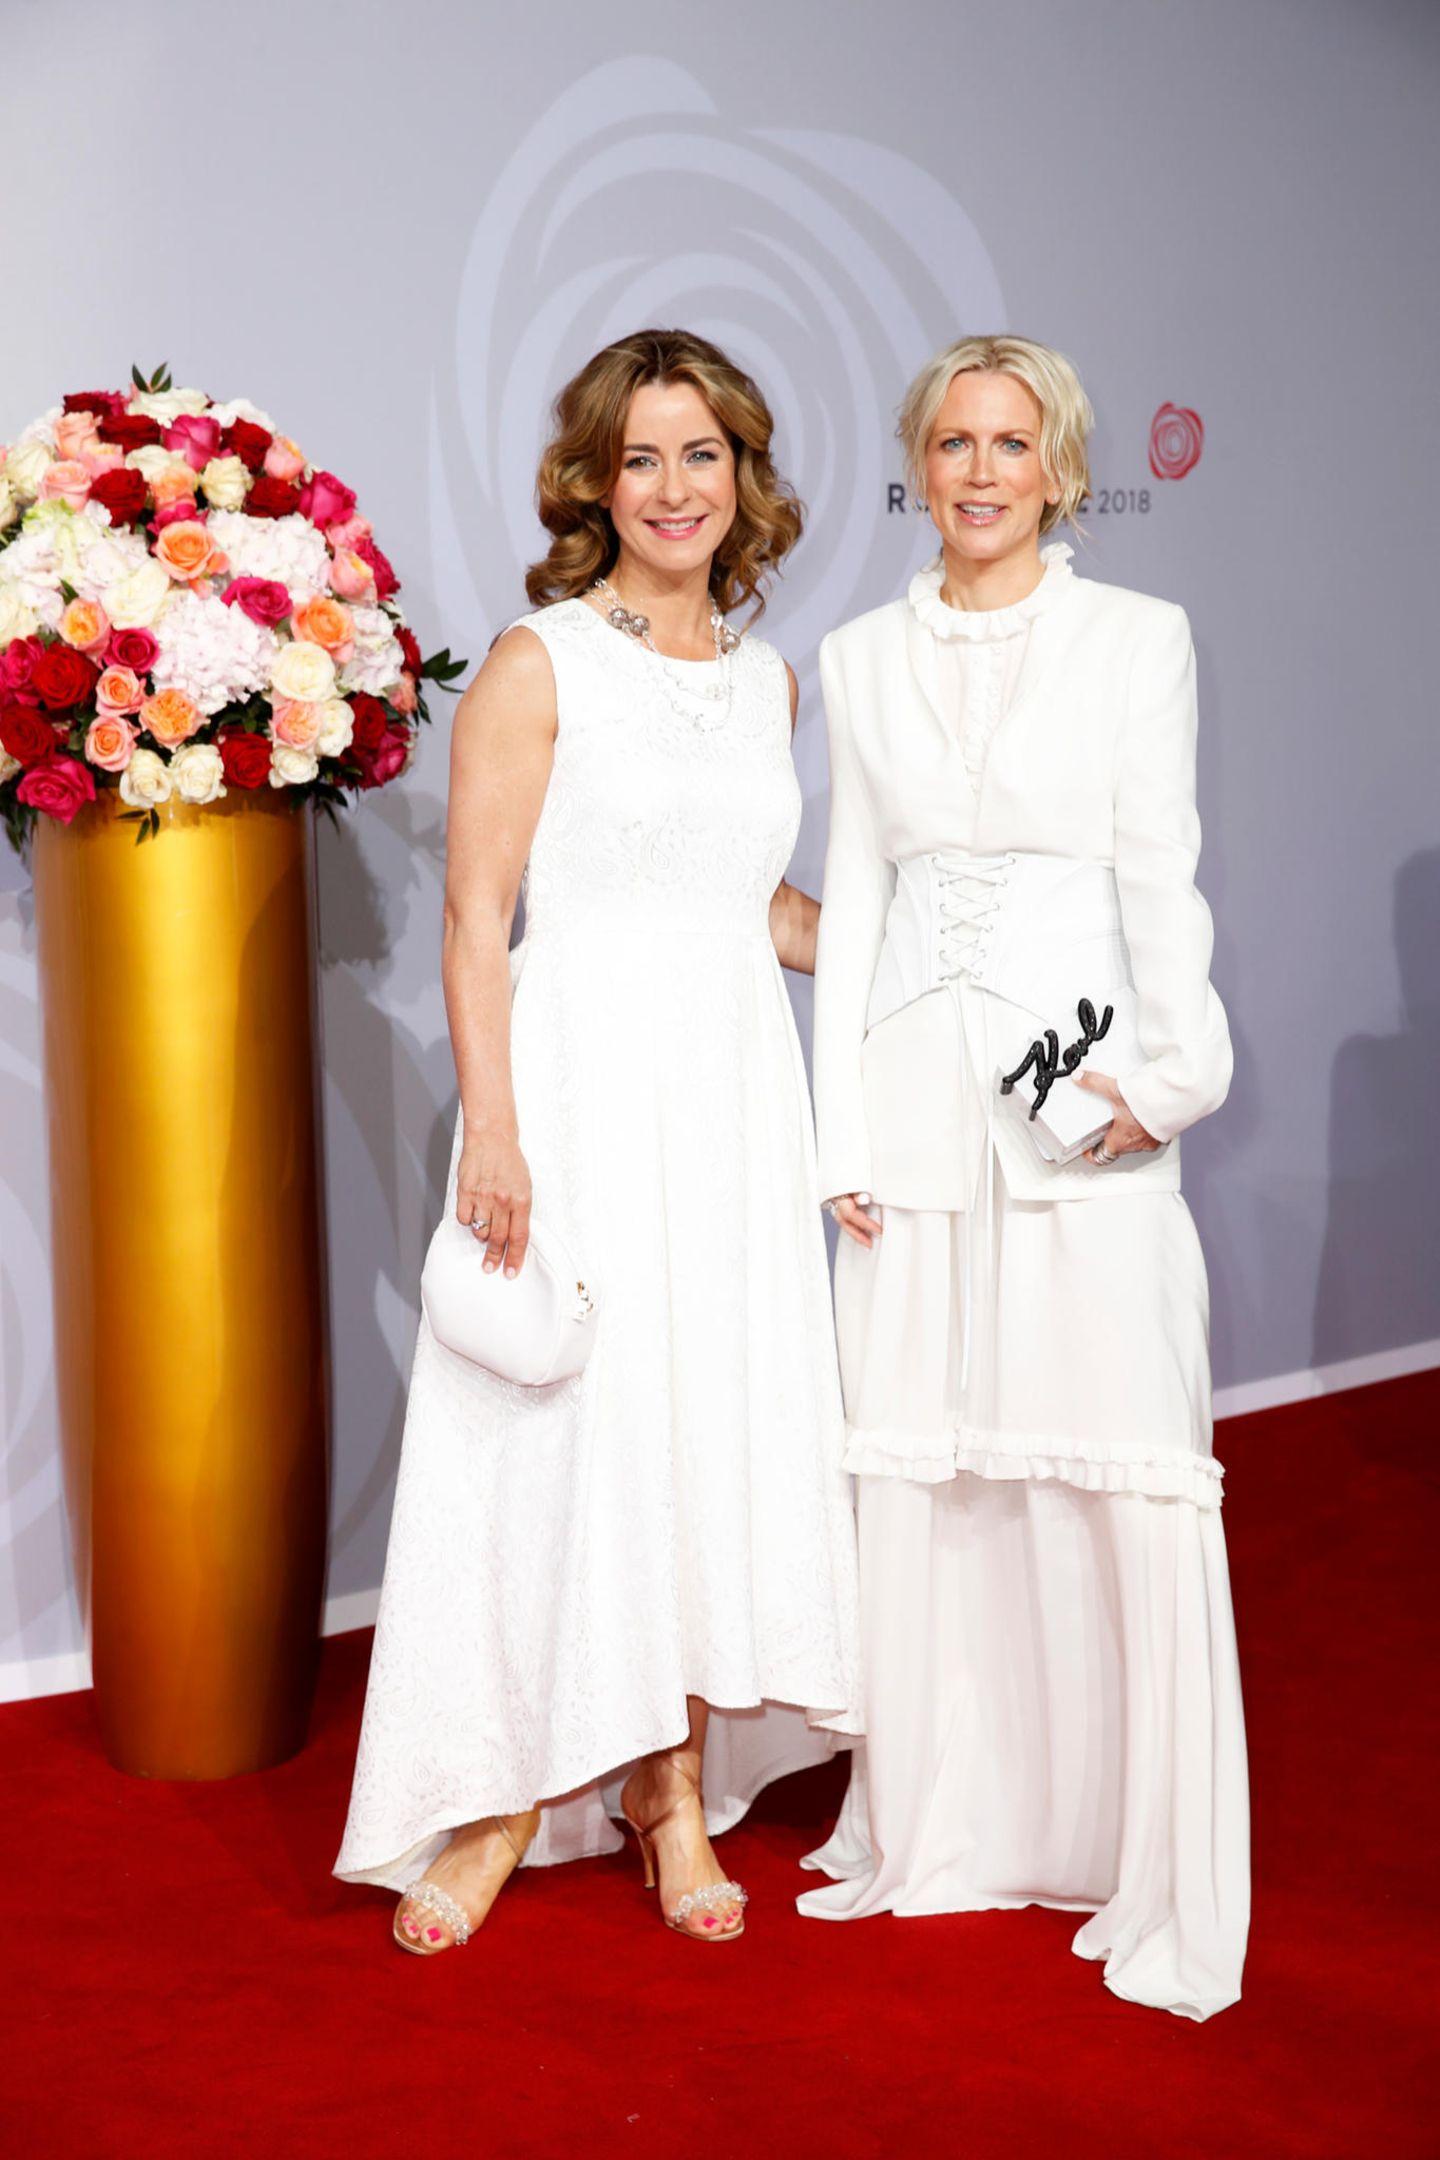 Ganz in Weiß posierten Bettina Cramer und Tamara Gräfin von Nayhauß-Cormons auf dem roten Teppich.